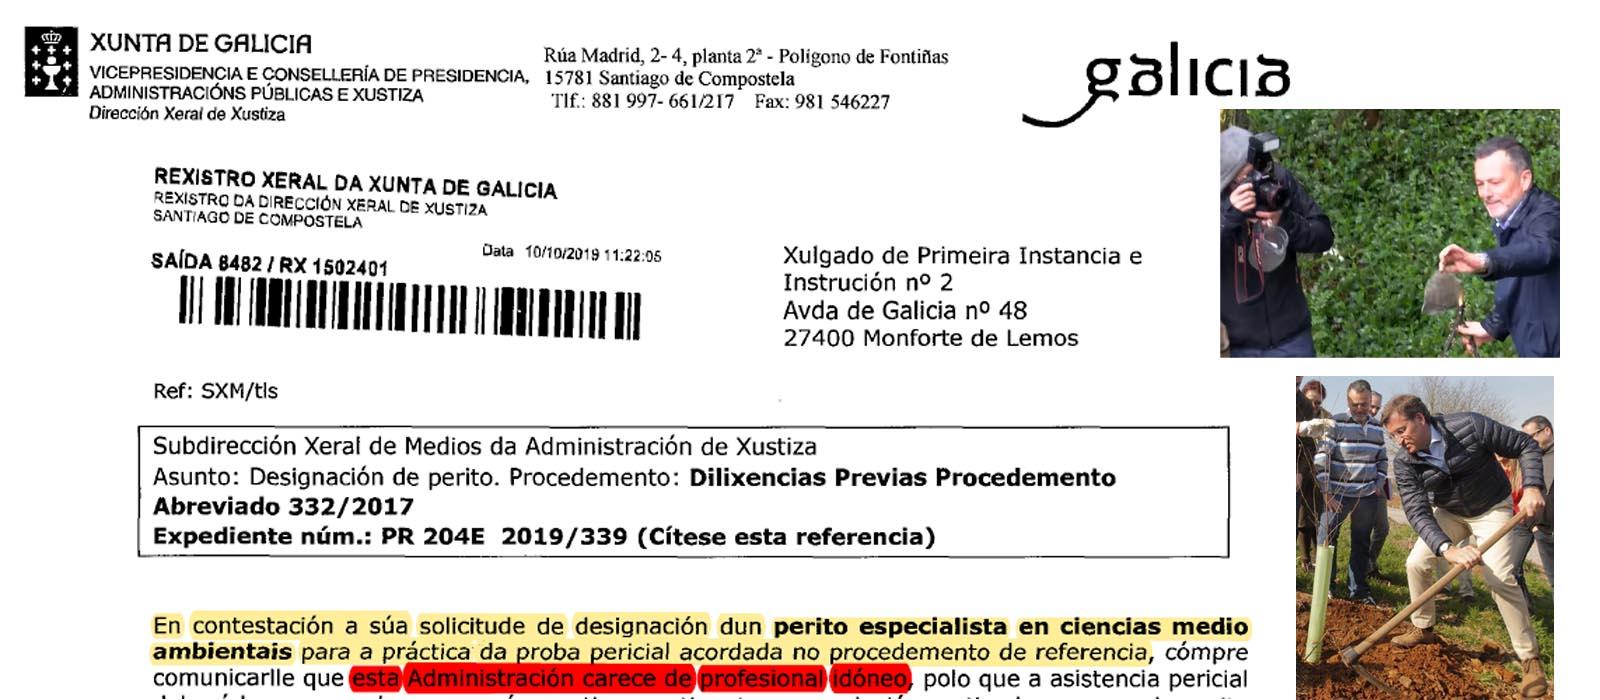 EXCLUSIVA: El Gobierno del PPdeG en la Xunta reconoce en documento público  que no dispone de profesionales para controlar el Medio Ambiente ni la  contaminación, solo existen para cursos y masteres privados. -